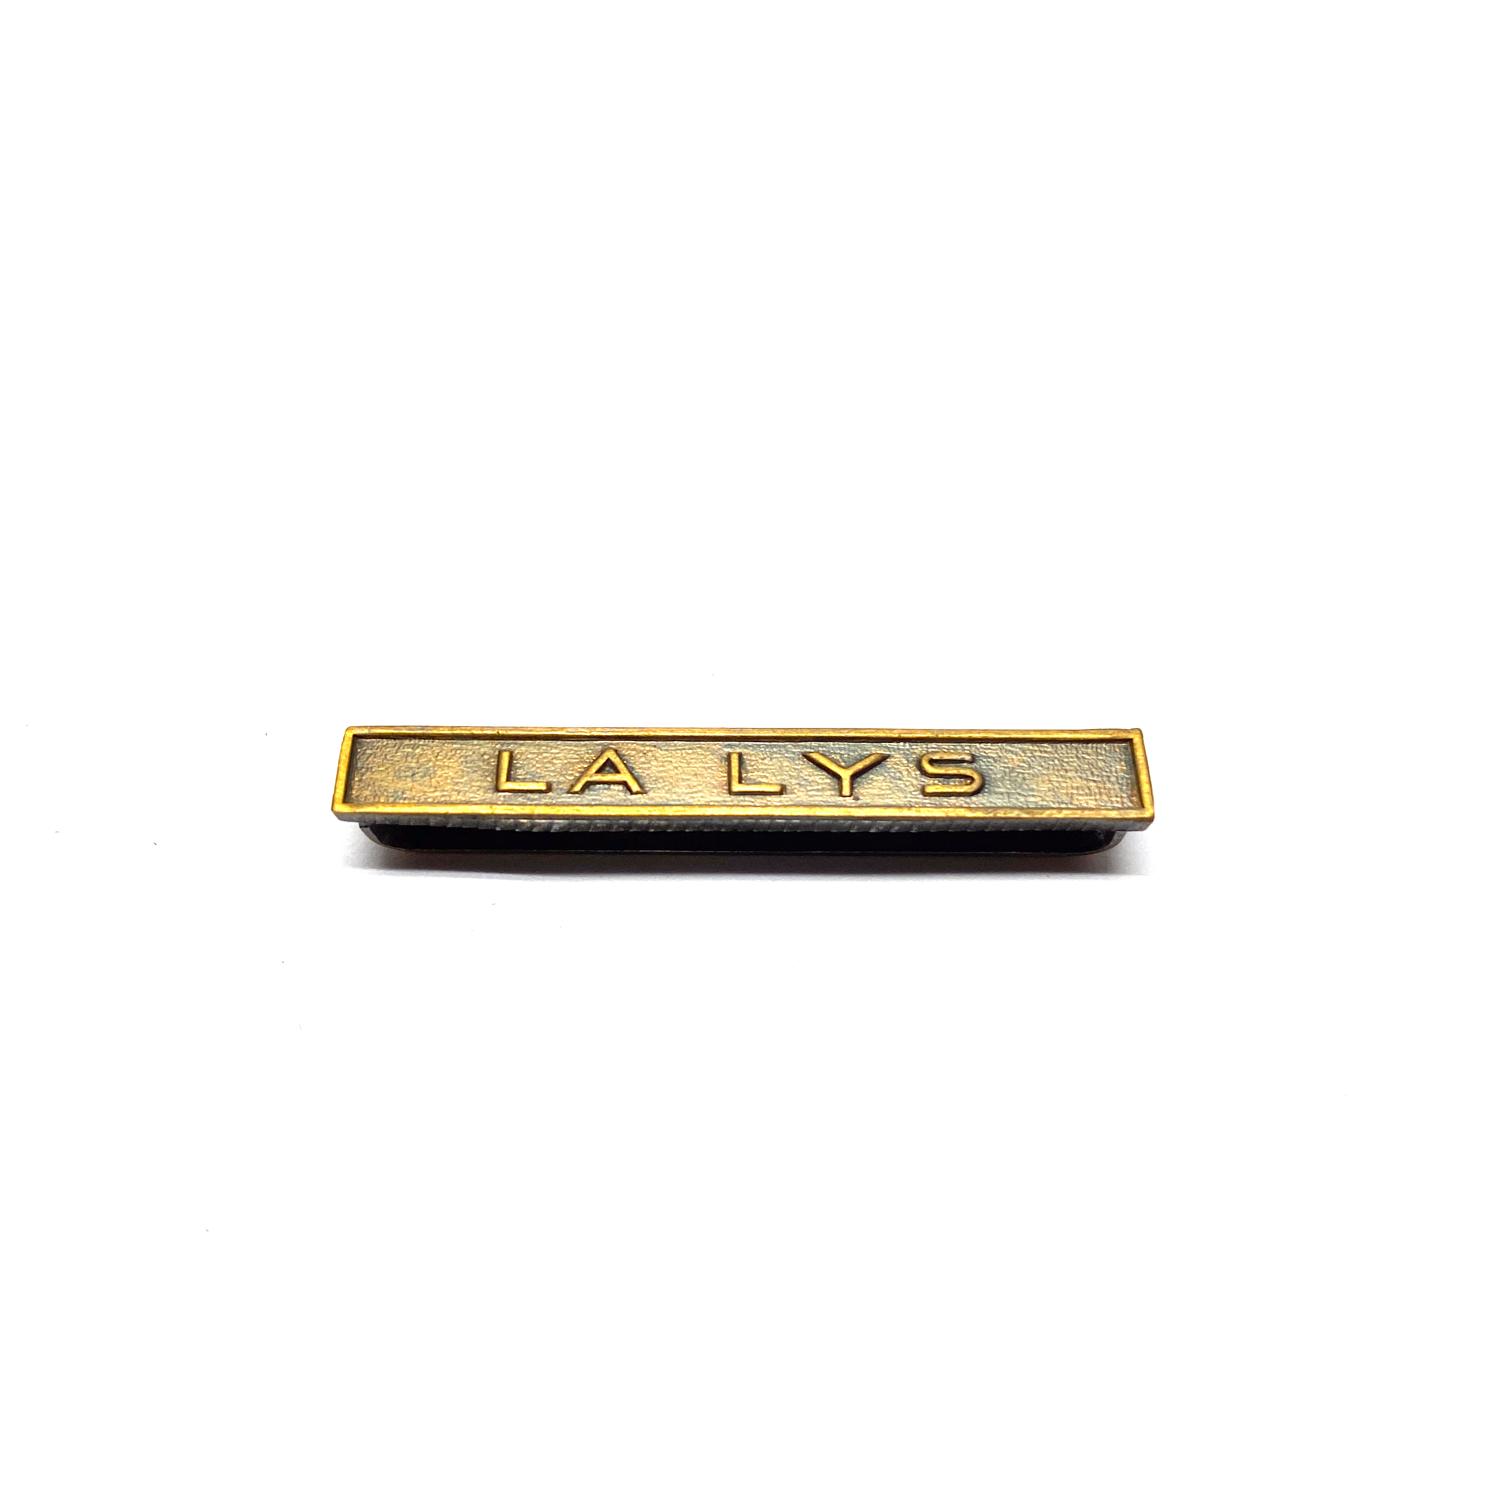 Bar La Lys for war medals